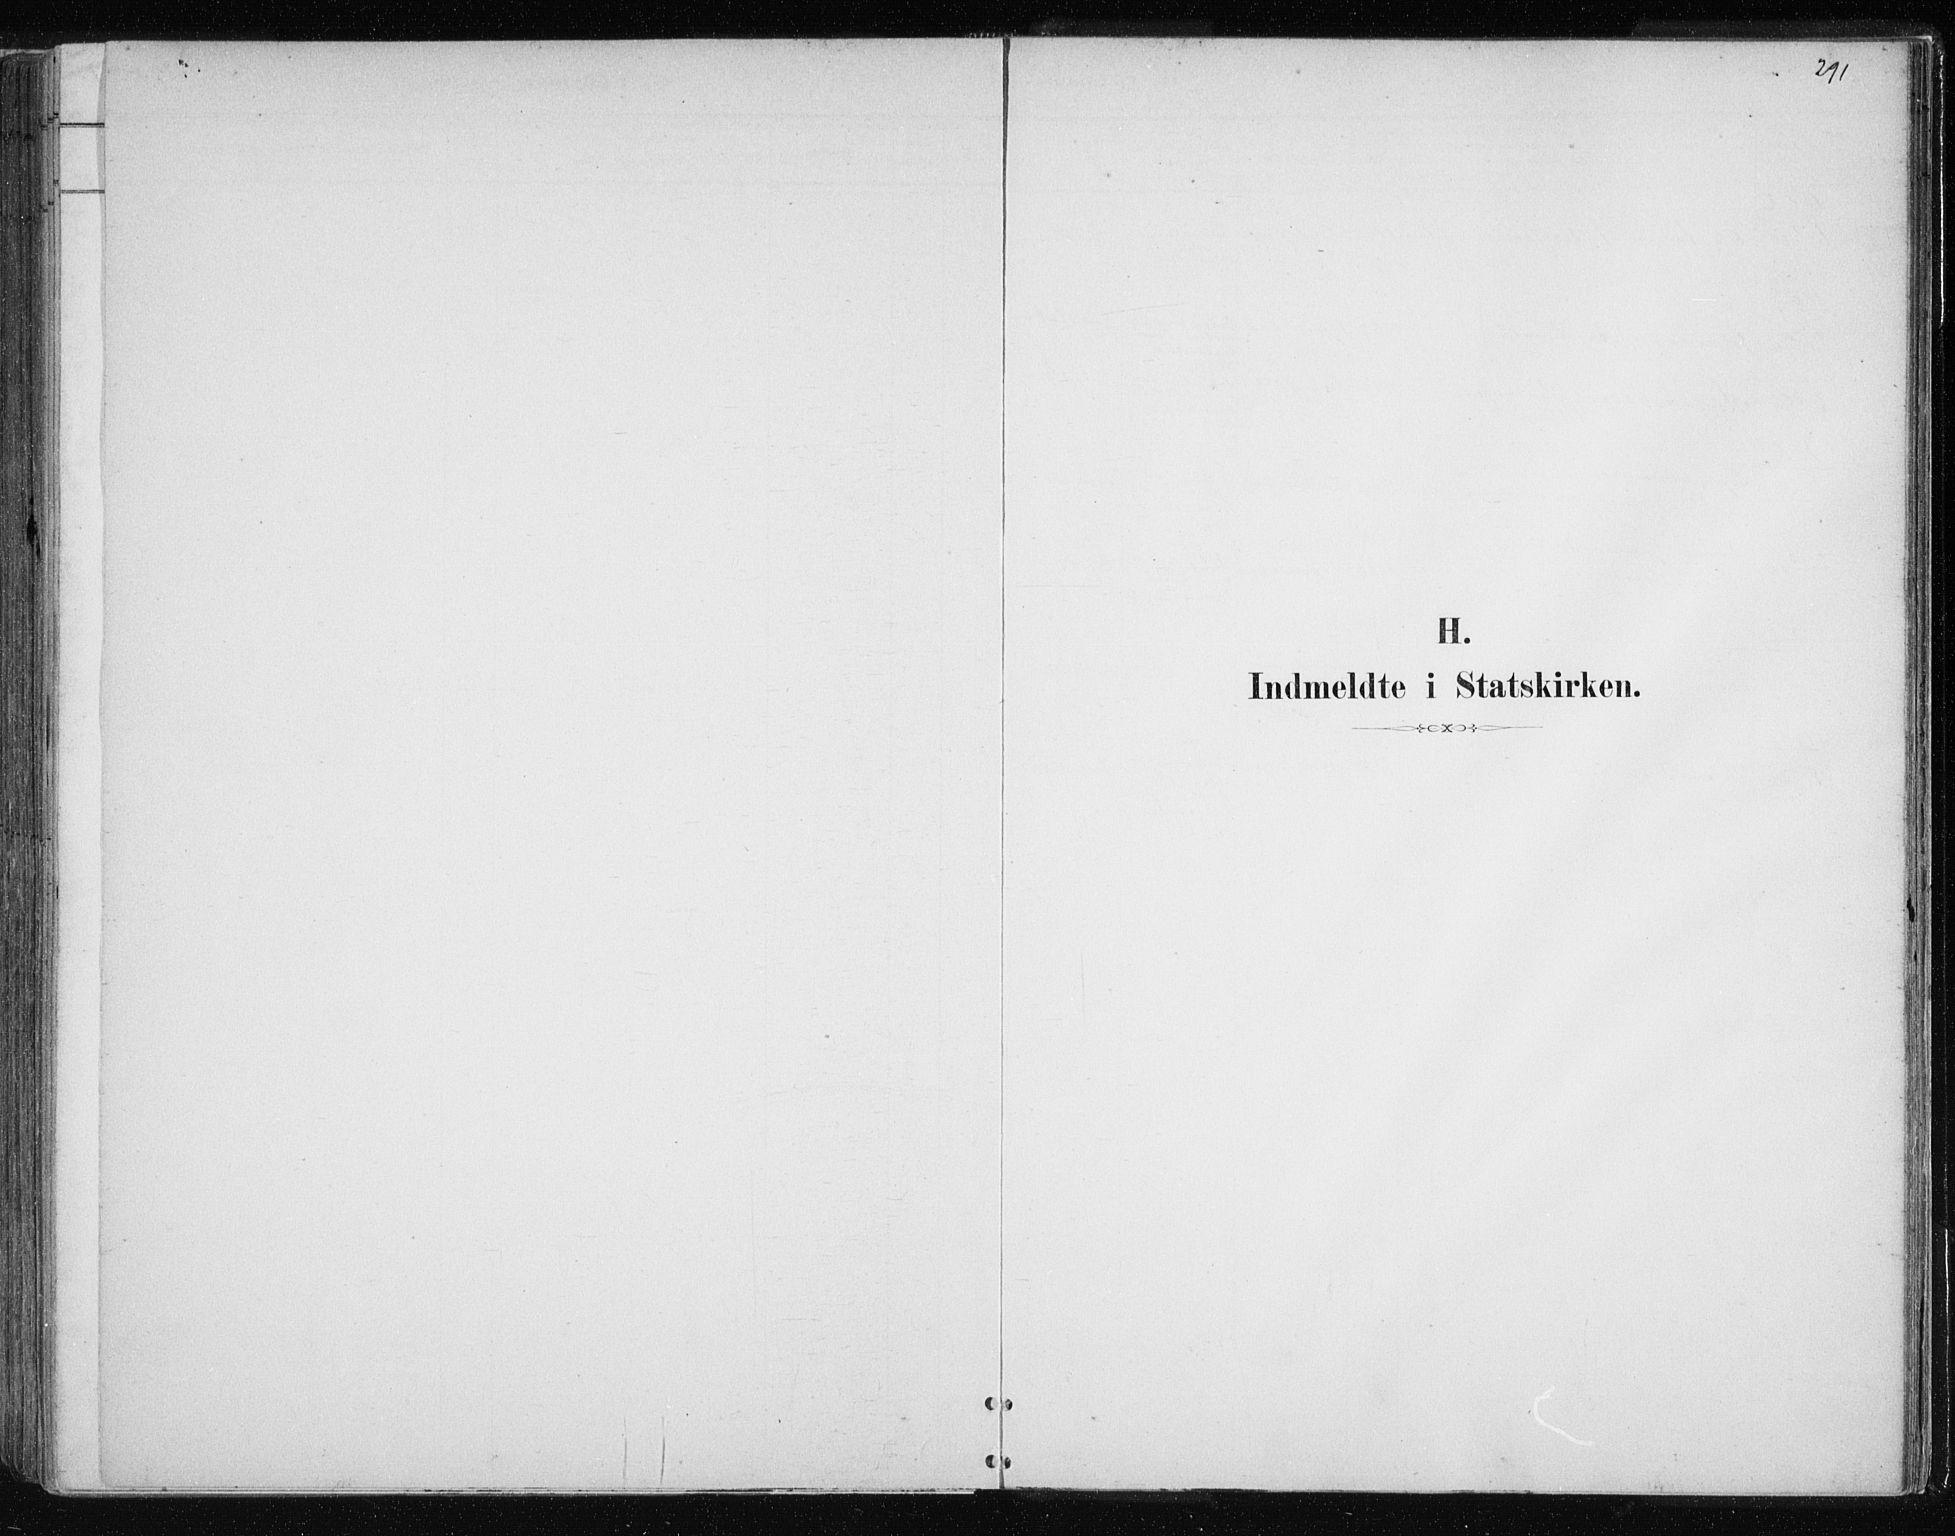 SATØ, Tromsøysund sokneprestkontor, G/Ga/L0004kirke: Ministerialbok nr. 4, 1880-1888, s. 291